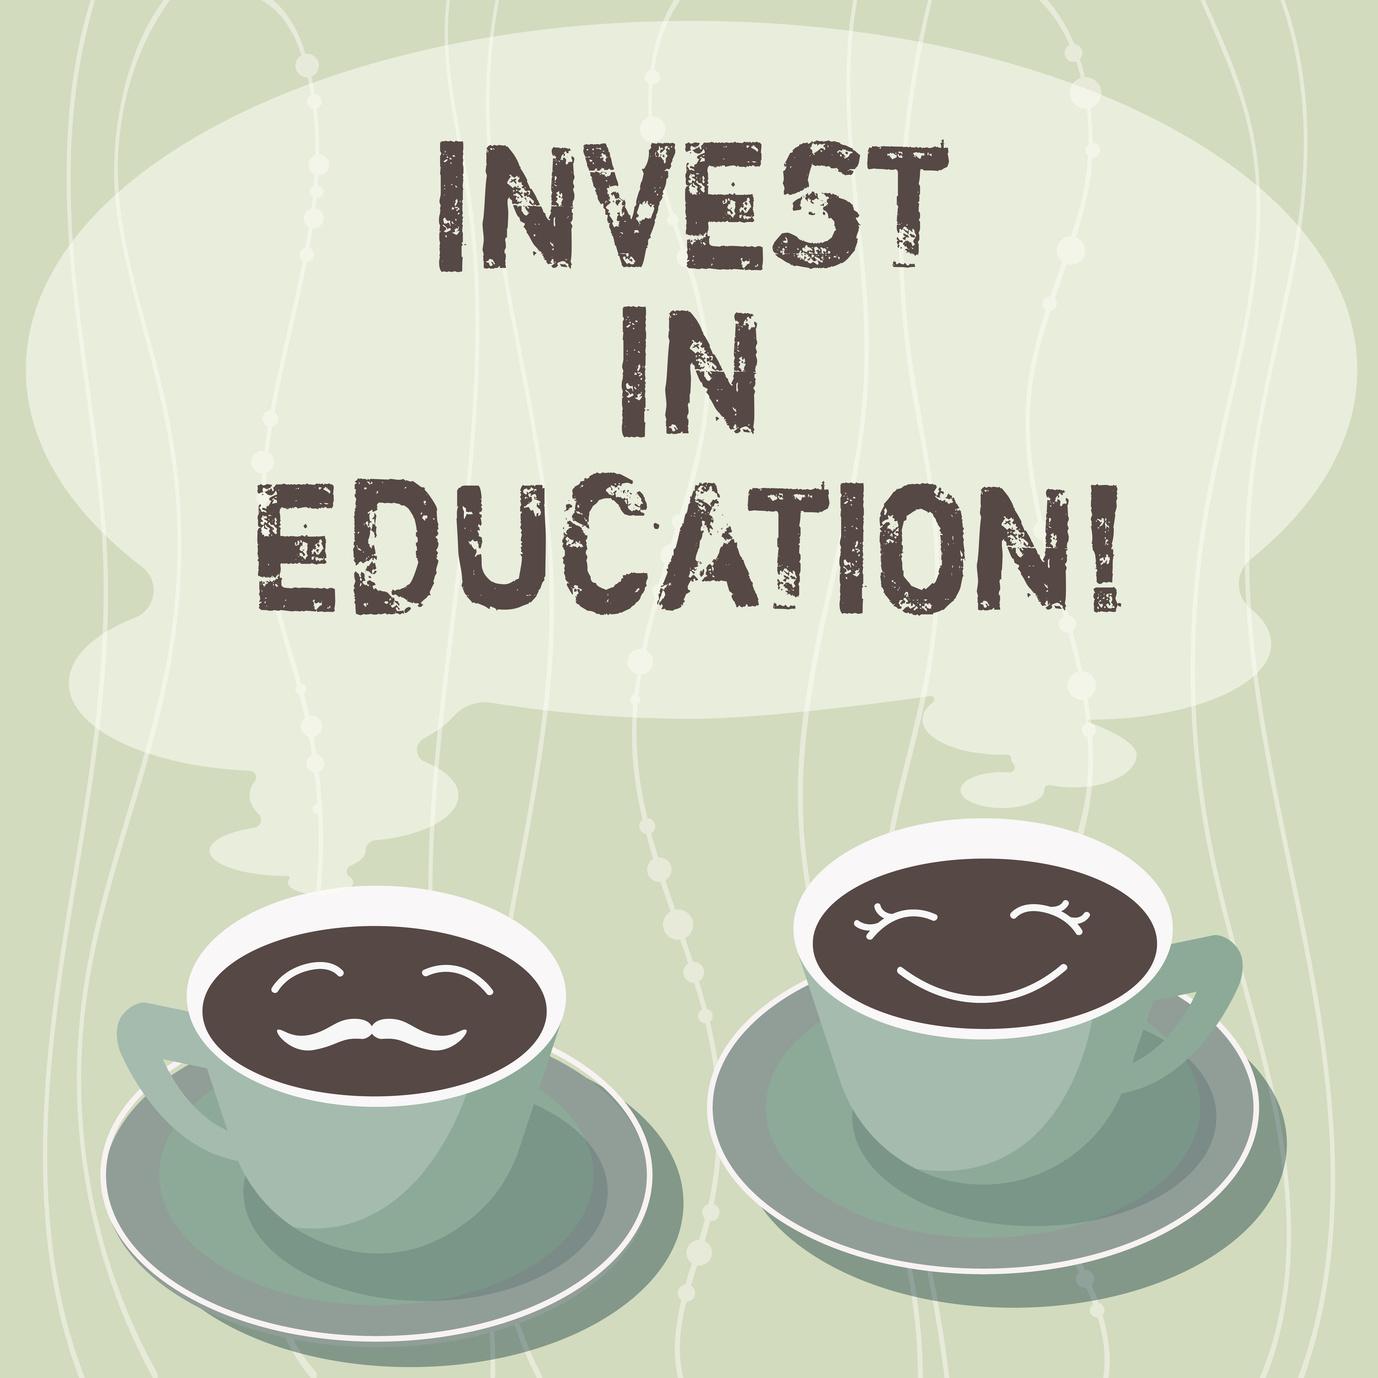 今こそ『投資の学校』で一生困らない金融リテラシーを身につける時代!投資嫌いを克服しよう。